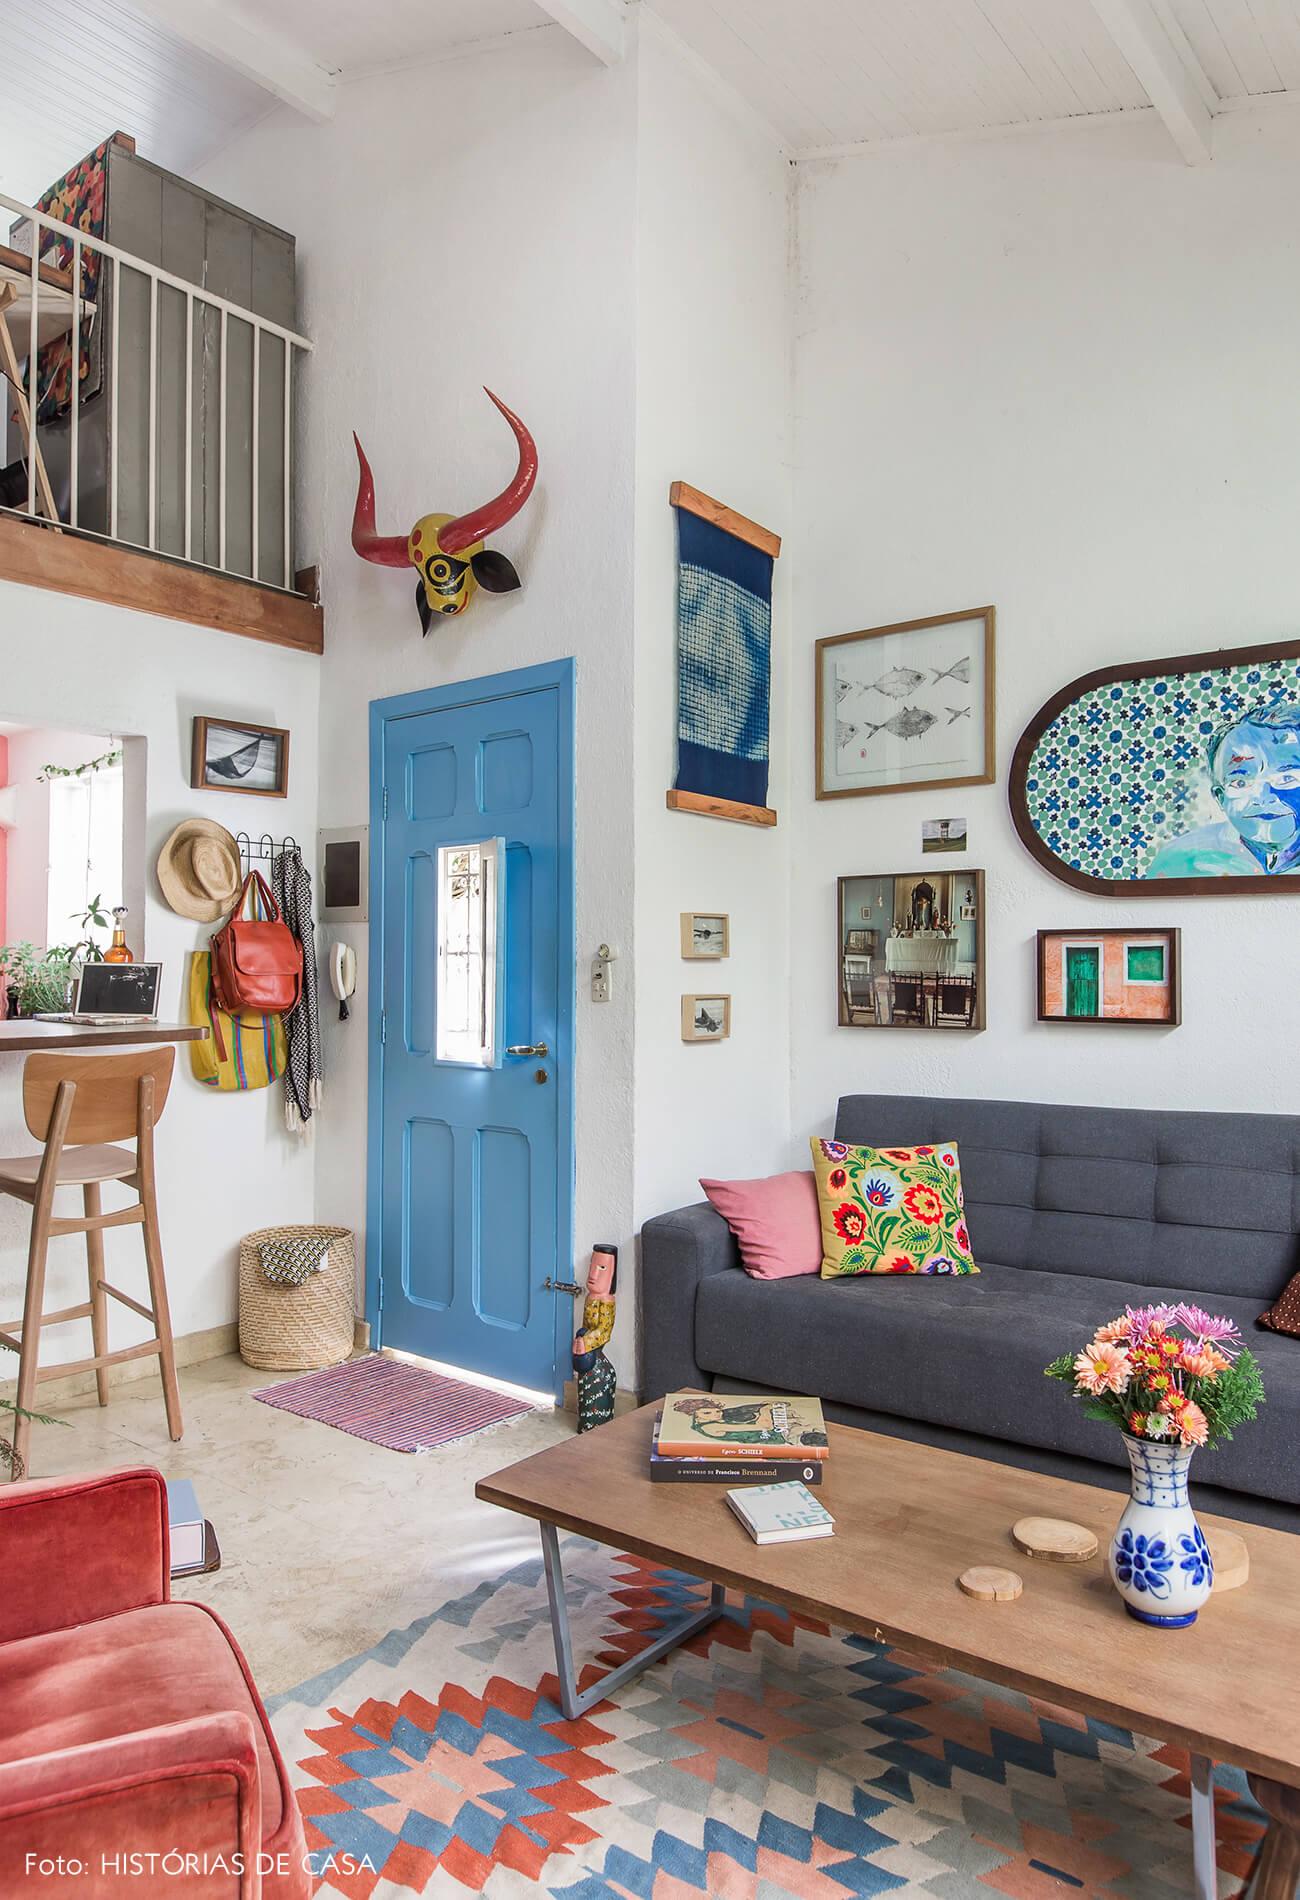 Sala com mezanino e porta pintada de azul